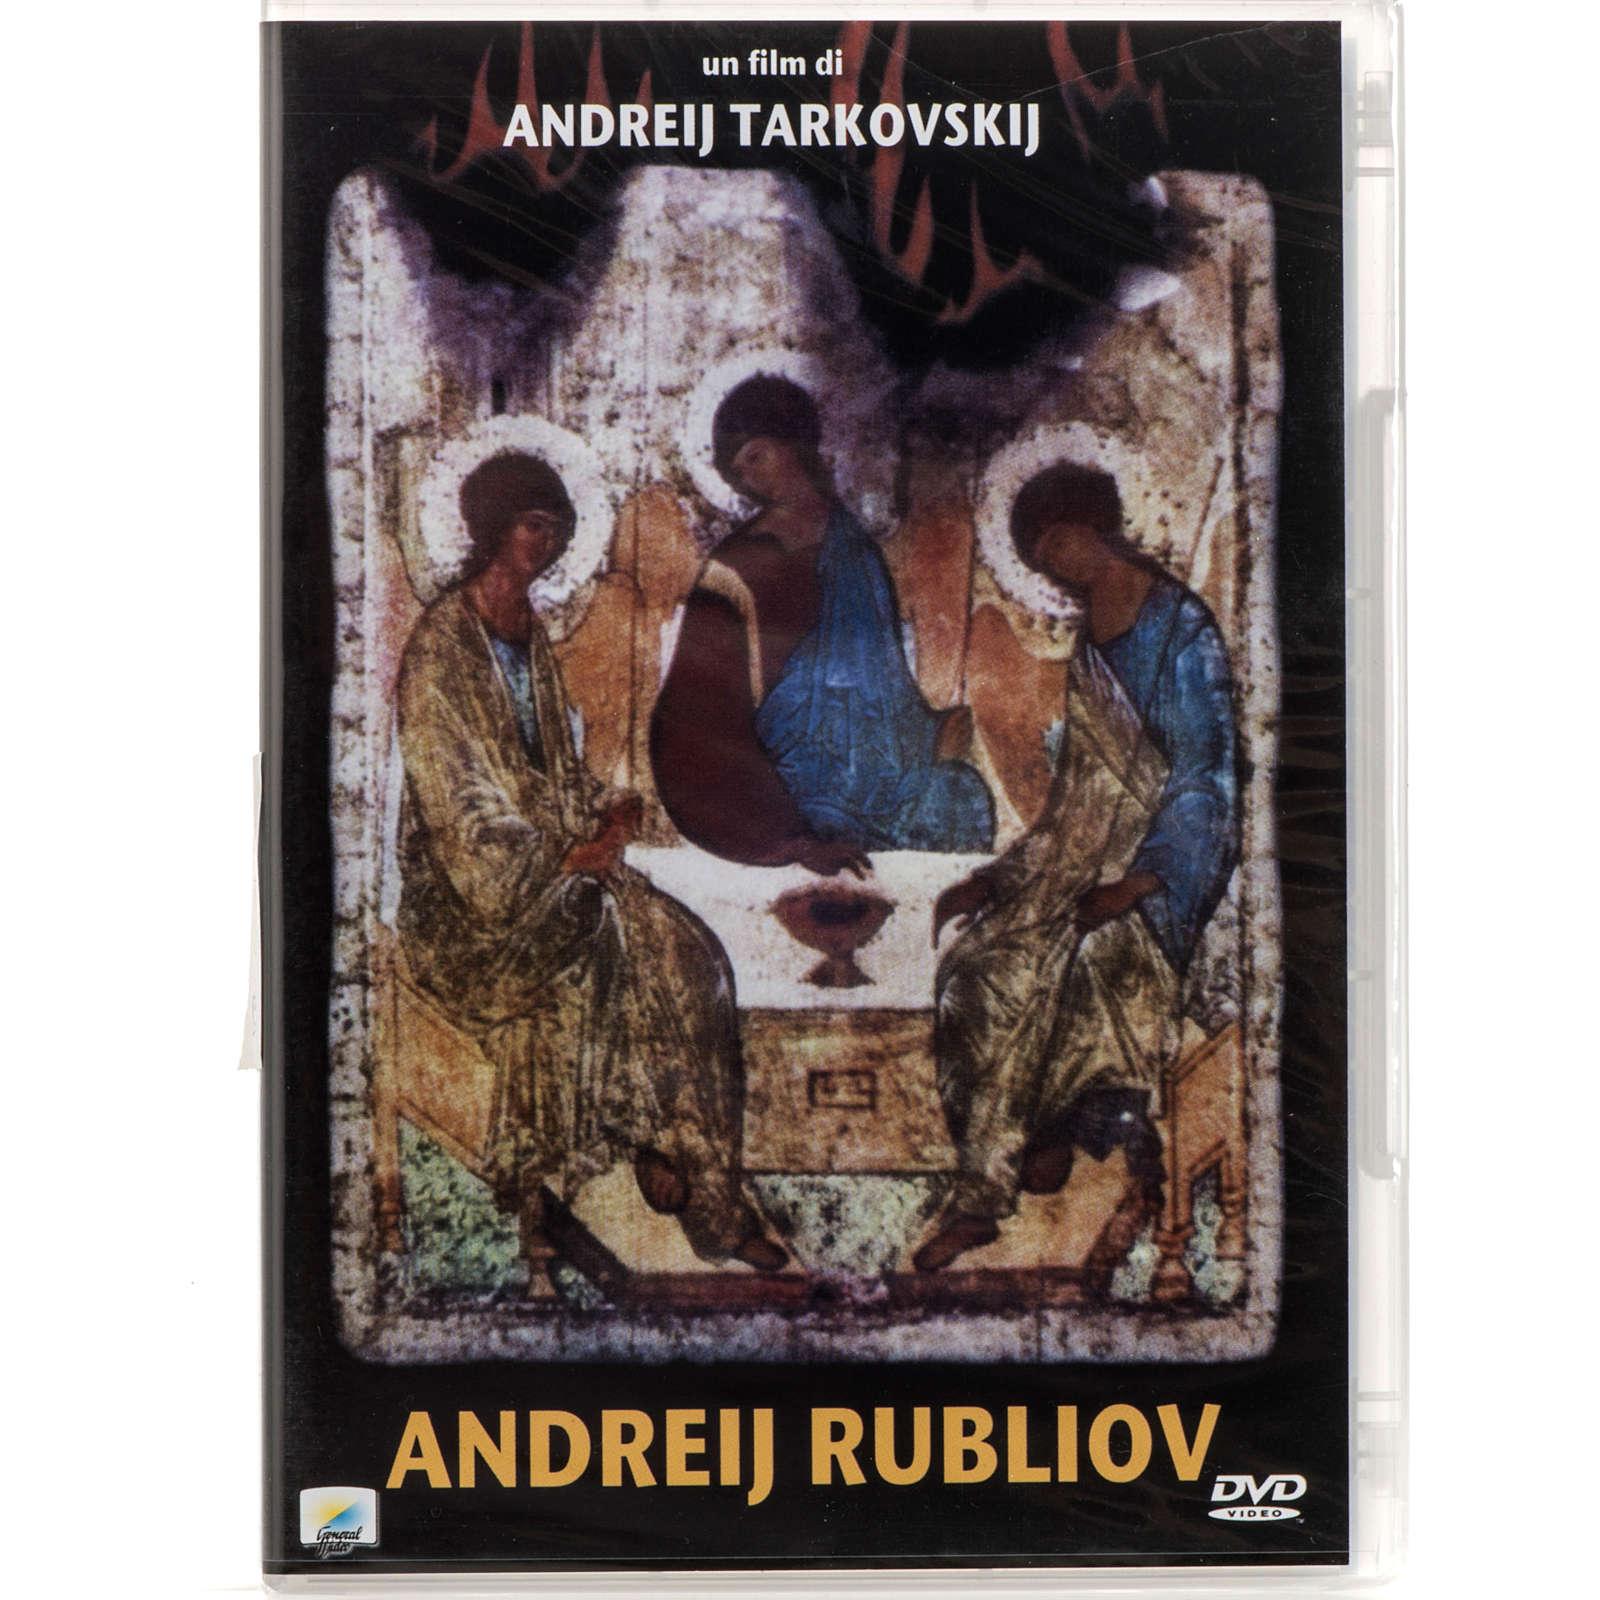 Andreij Rubliov 3